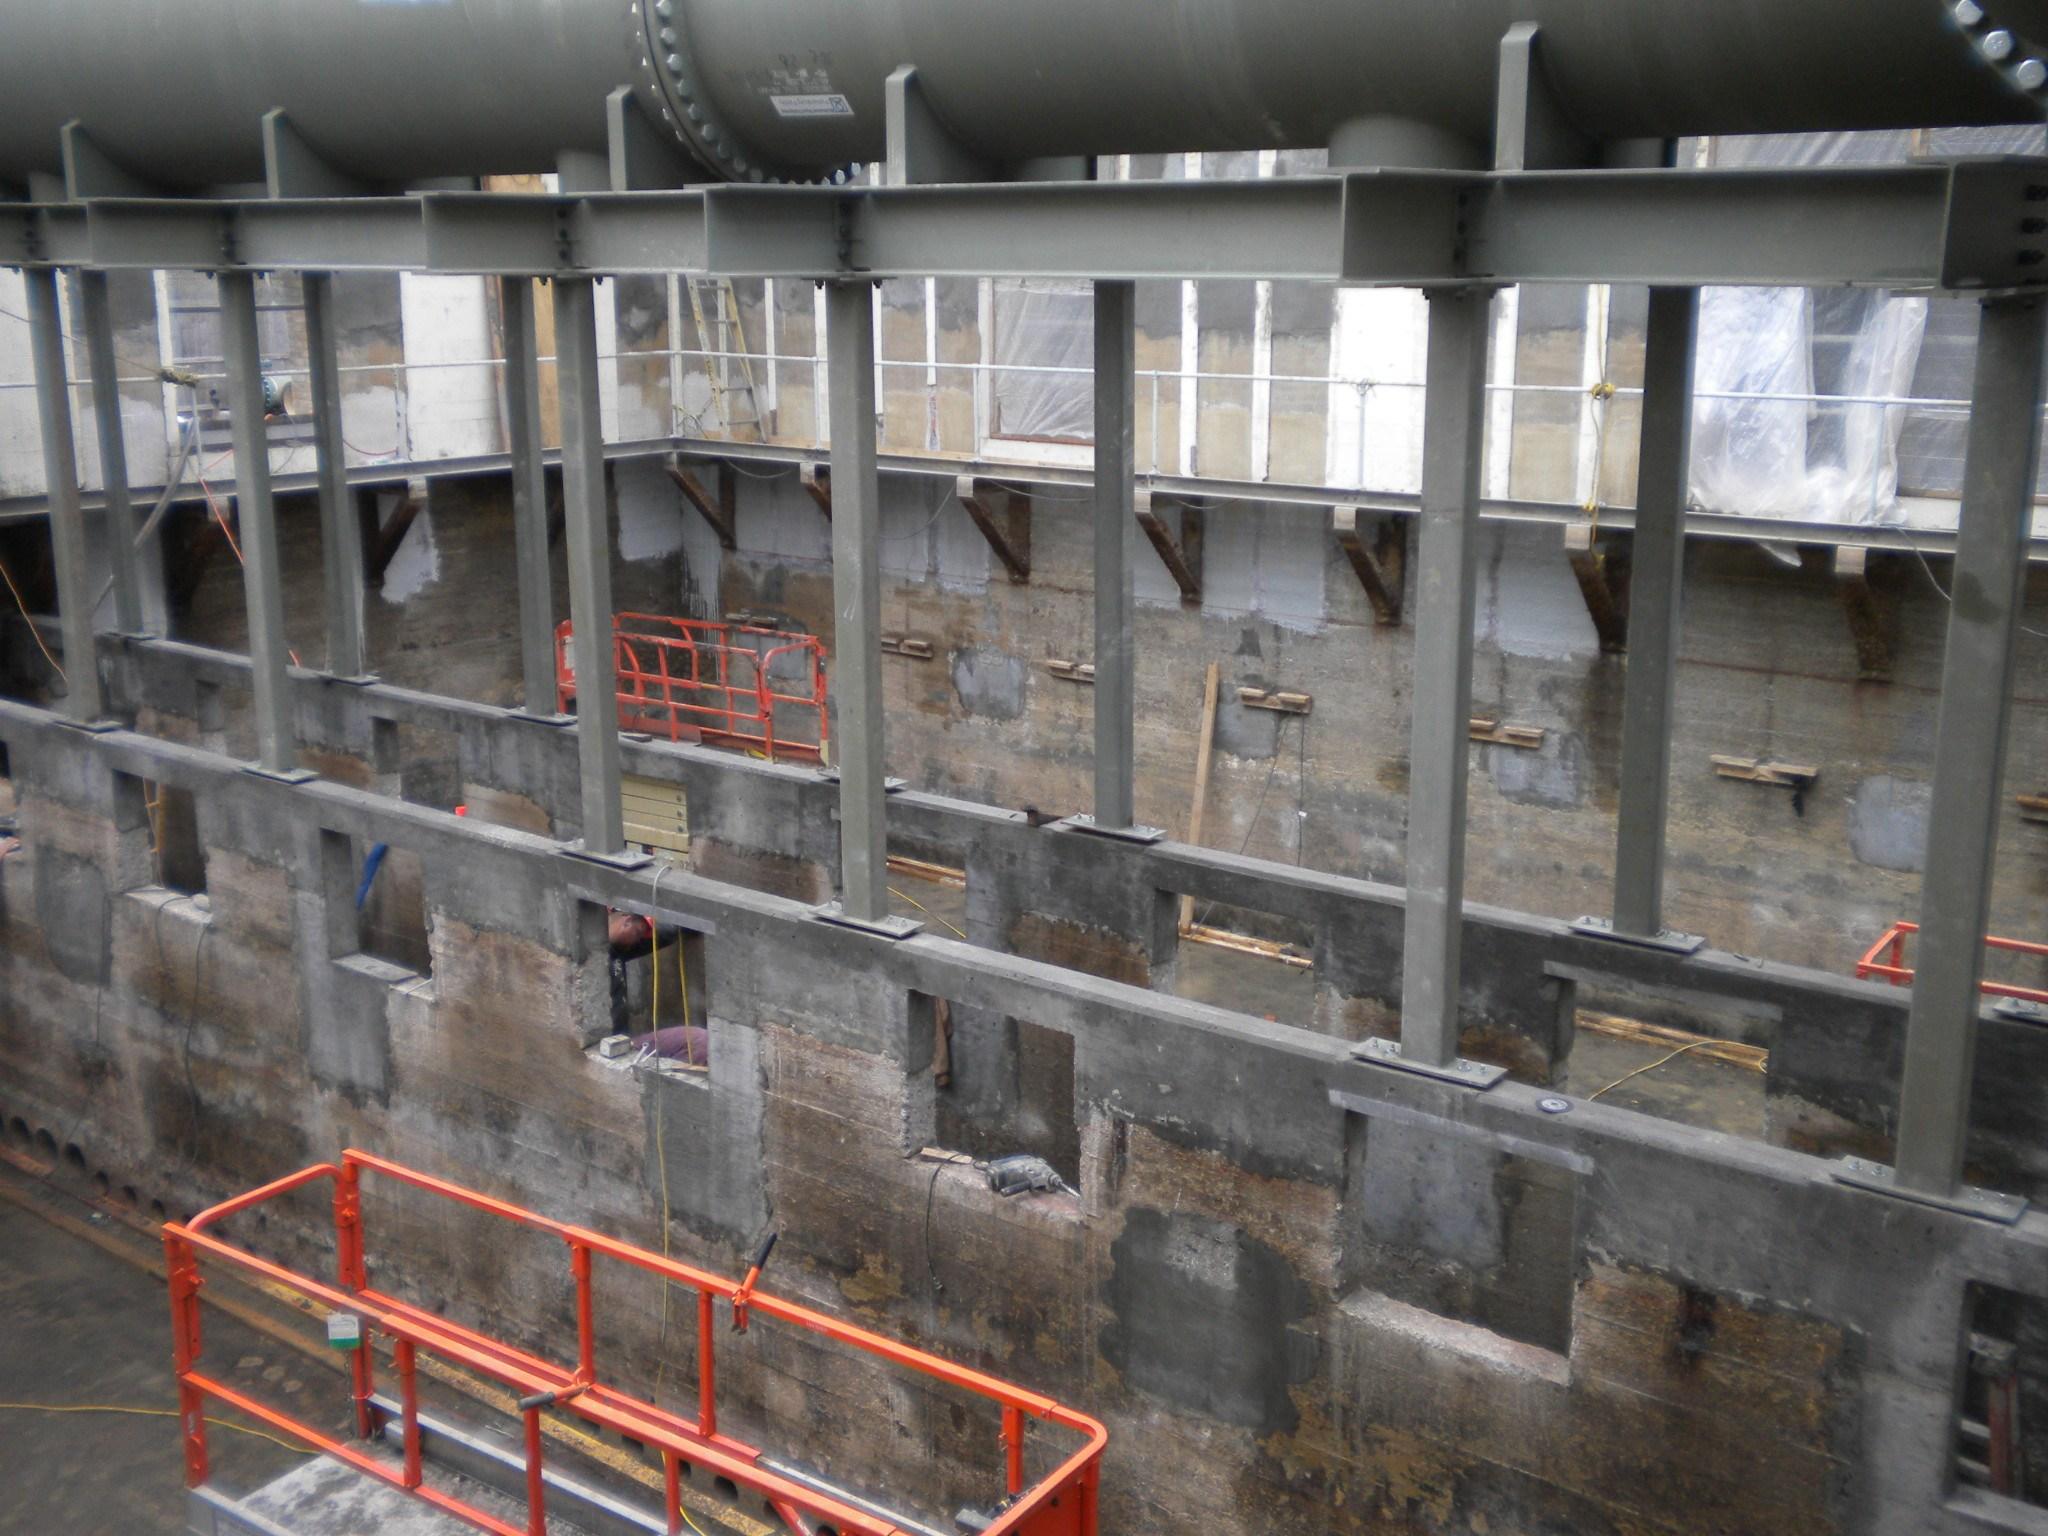 East-Filters-Building-Repairs-1.jpg